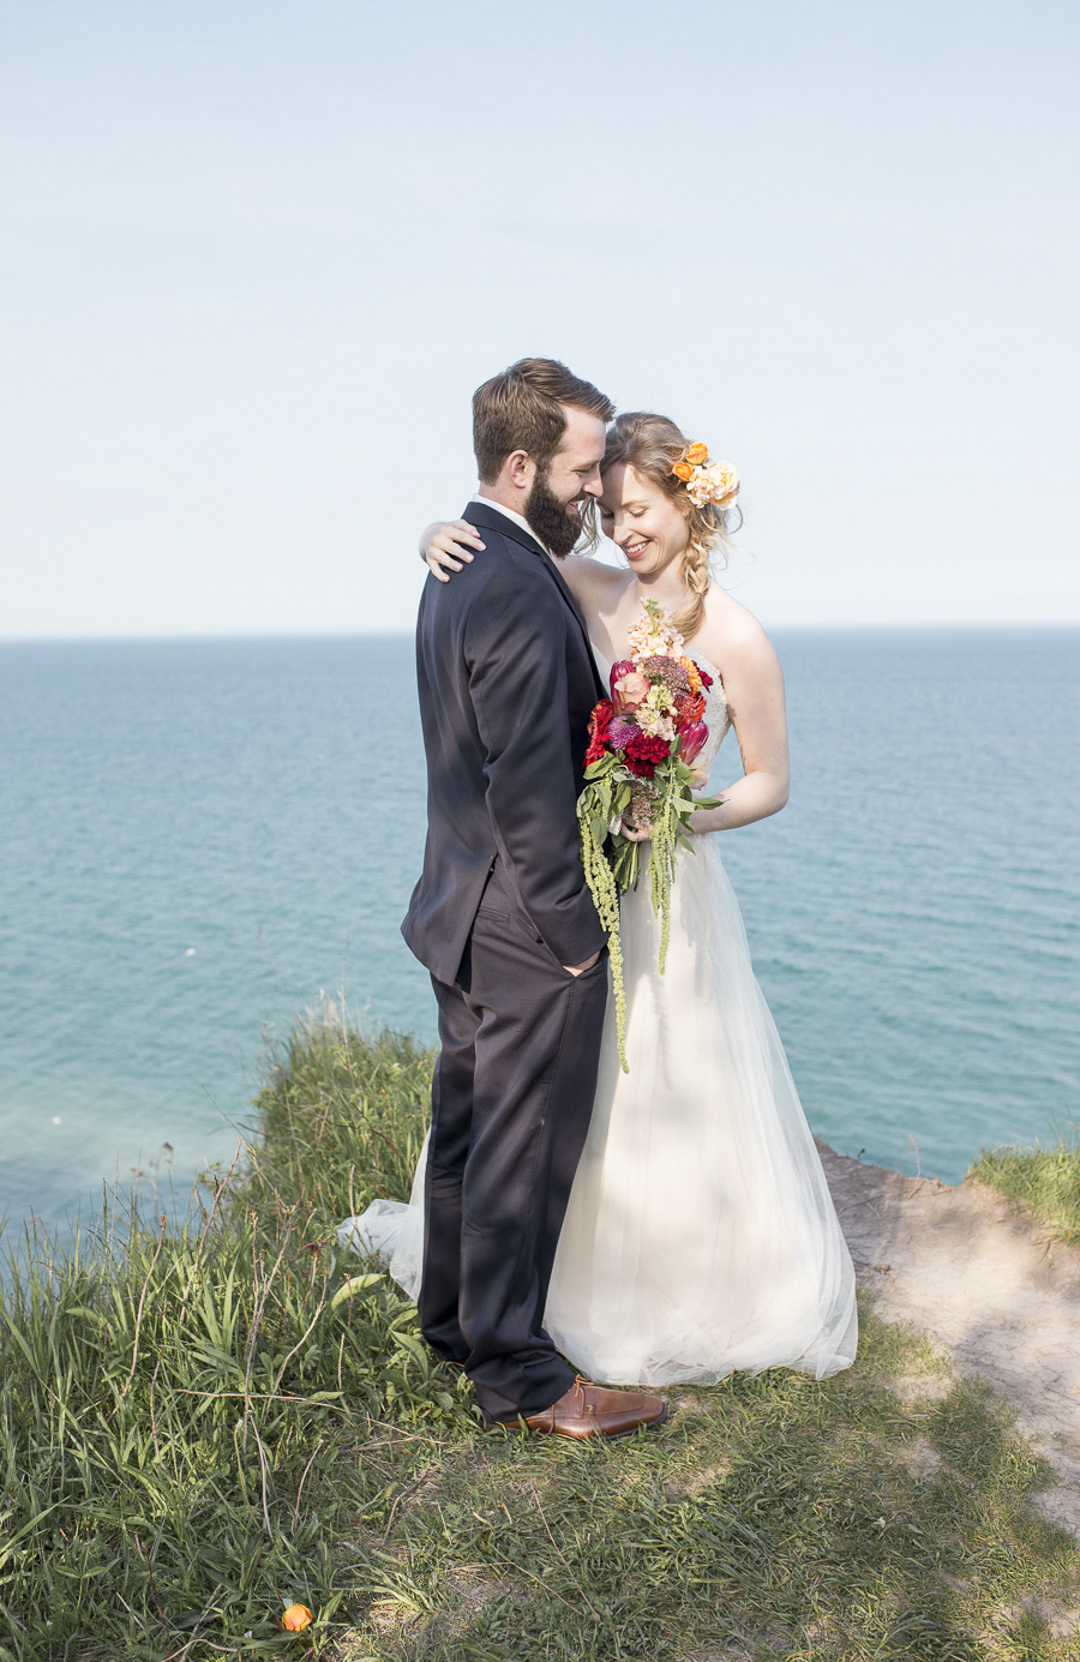 46-milwaukee-wedding-photography-twin-lens-weddings